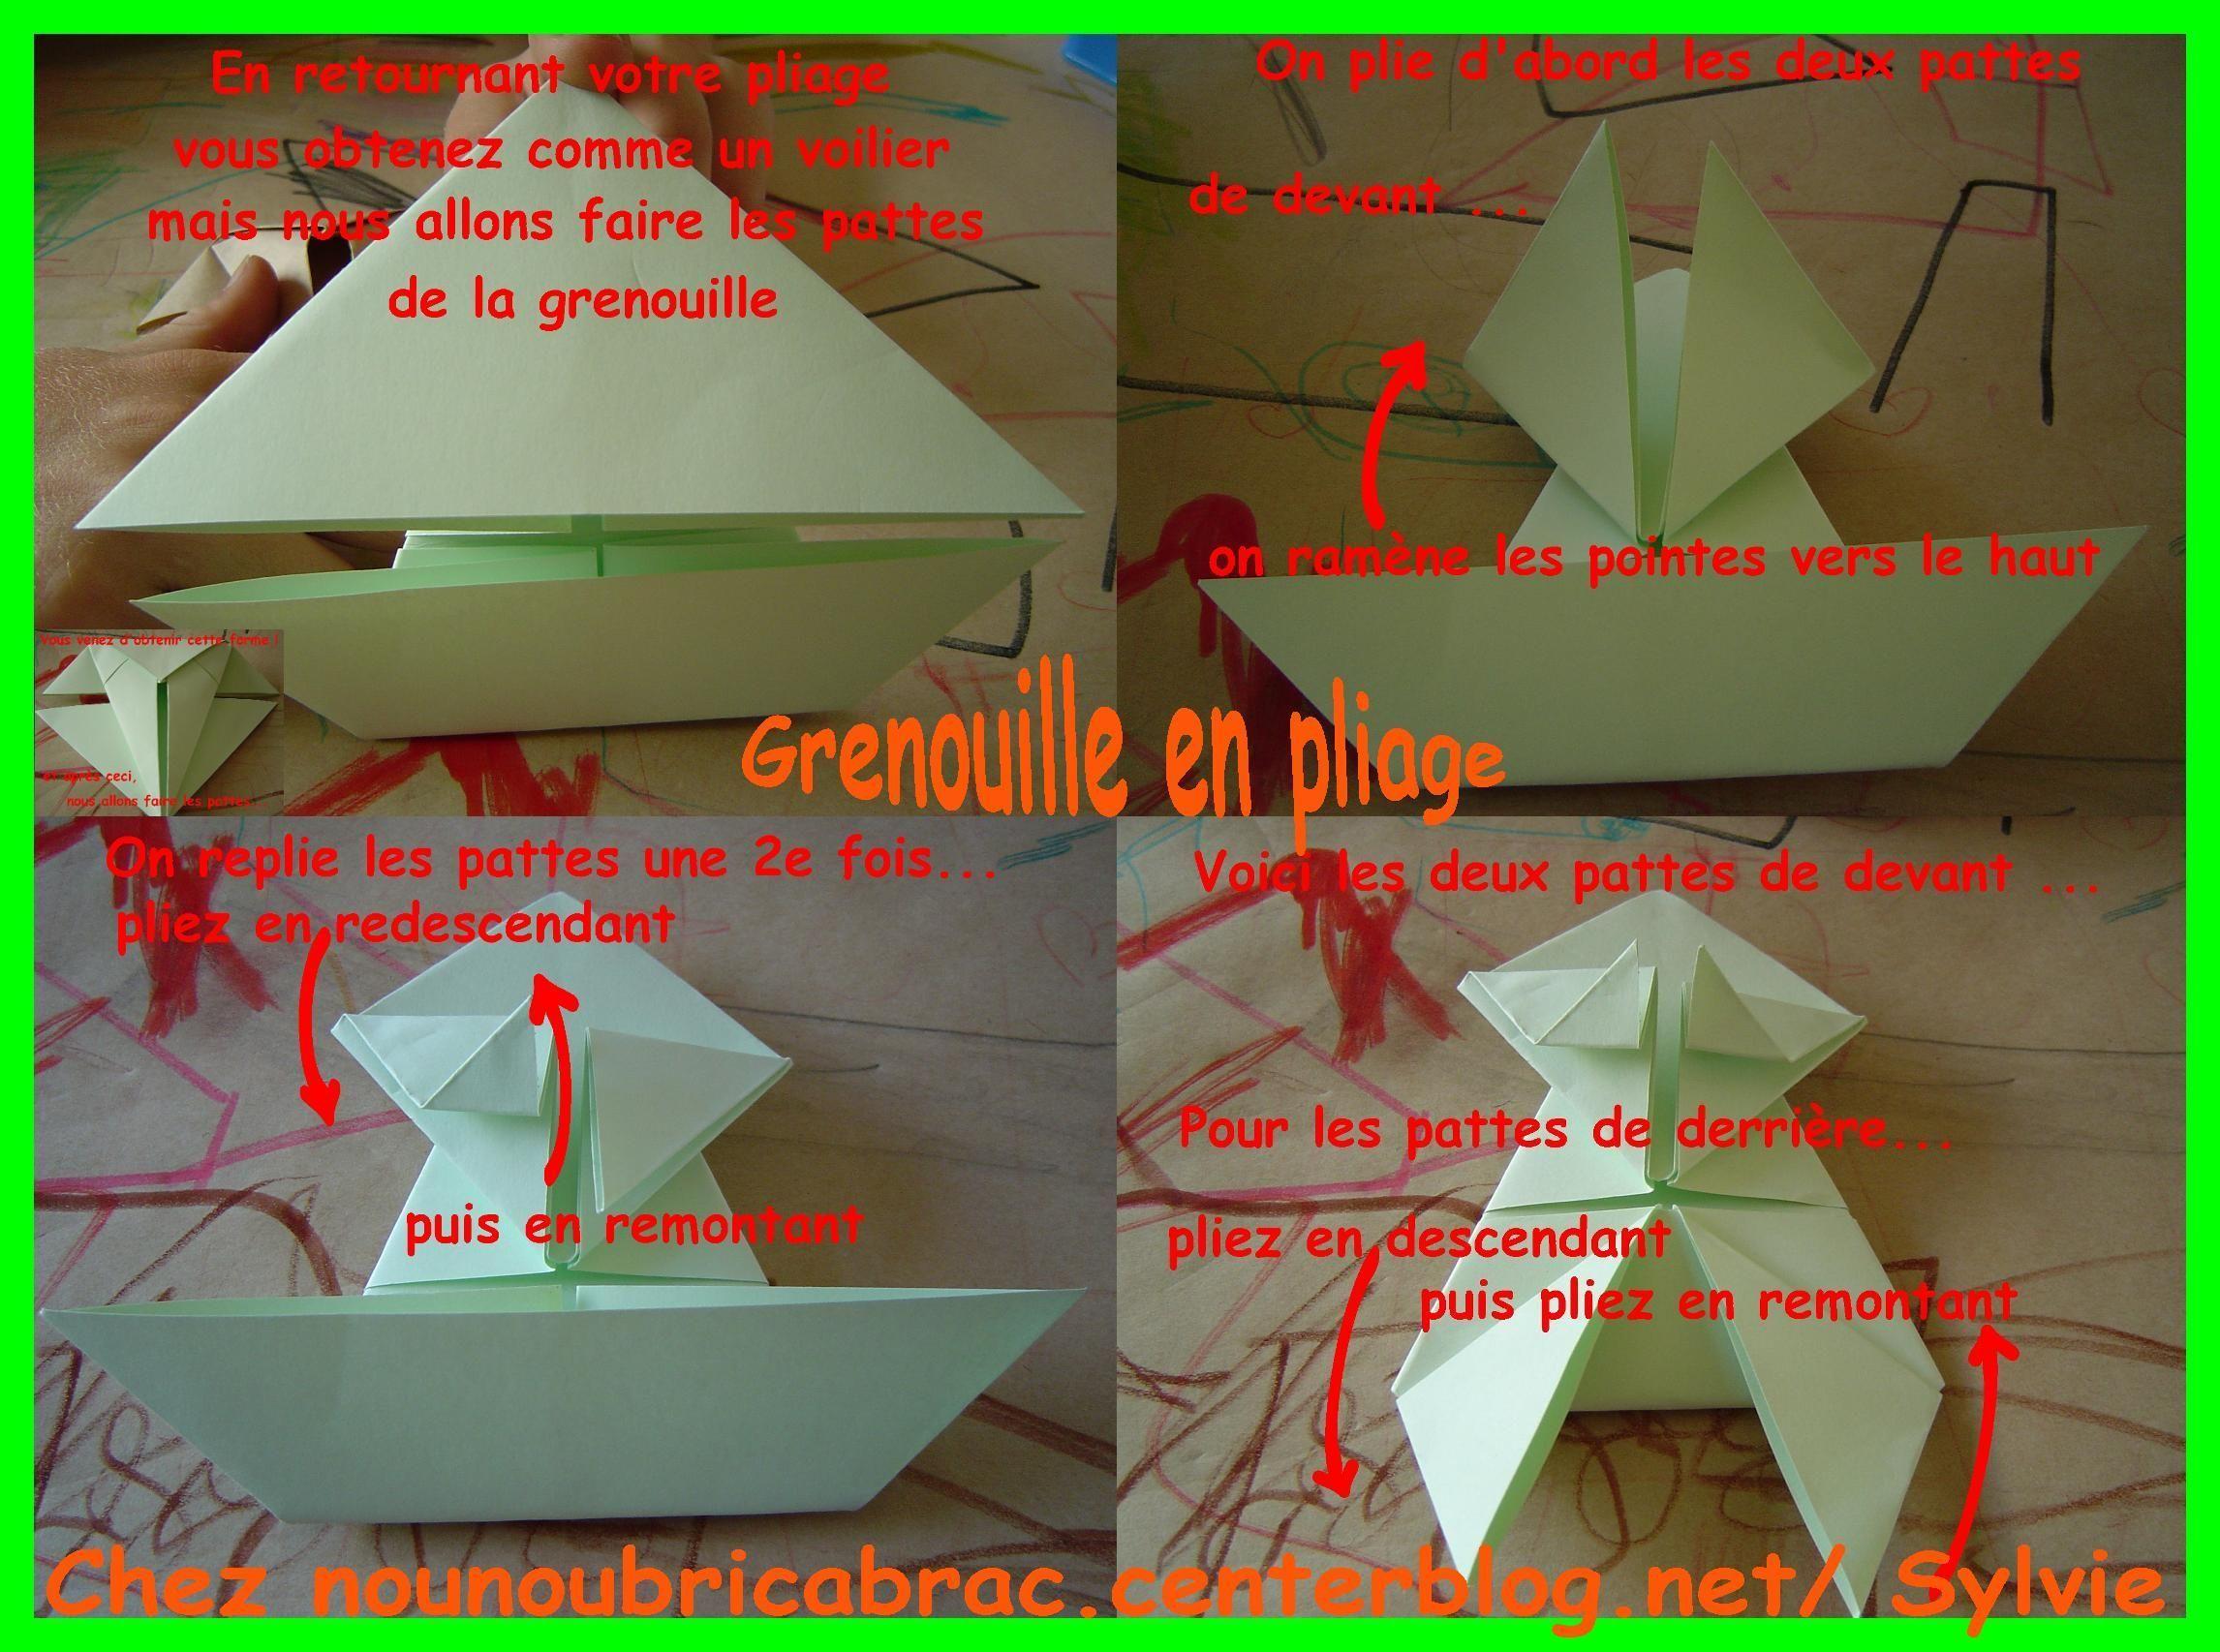 Croa Grenouille Sauteuse... 3ème partie